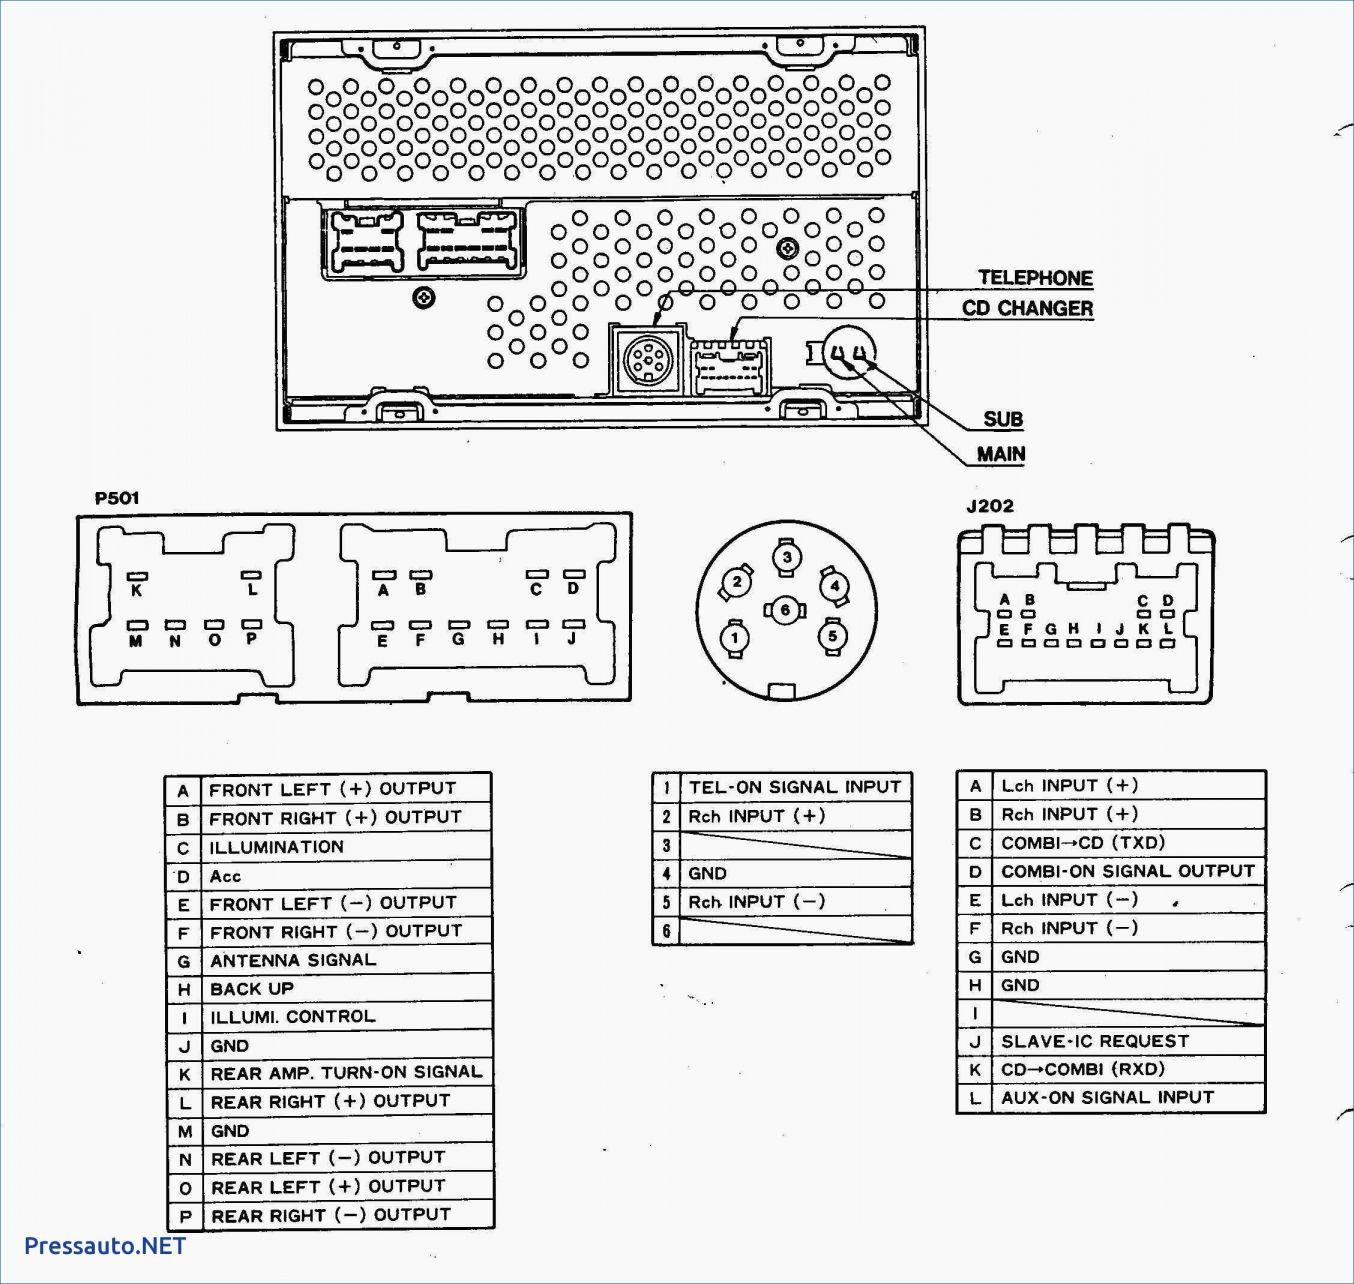 18 2003 Chevy Truck Radio Wiring Diagram Truck Diagram Wiringg Net Nissan Versa Nissan Altima Nissan